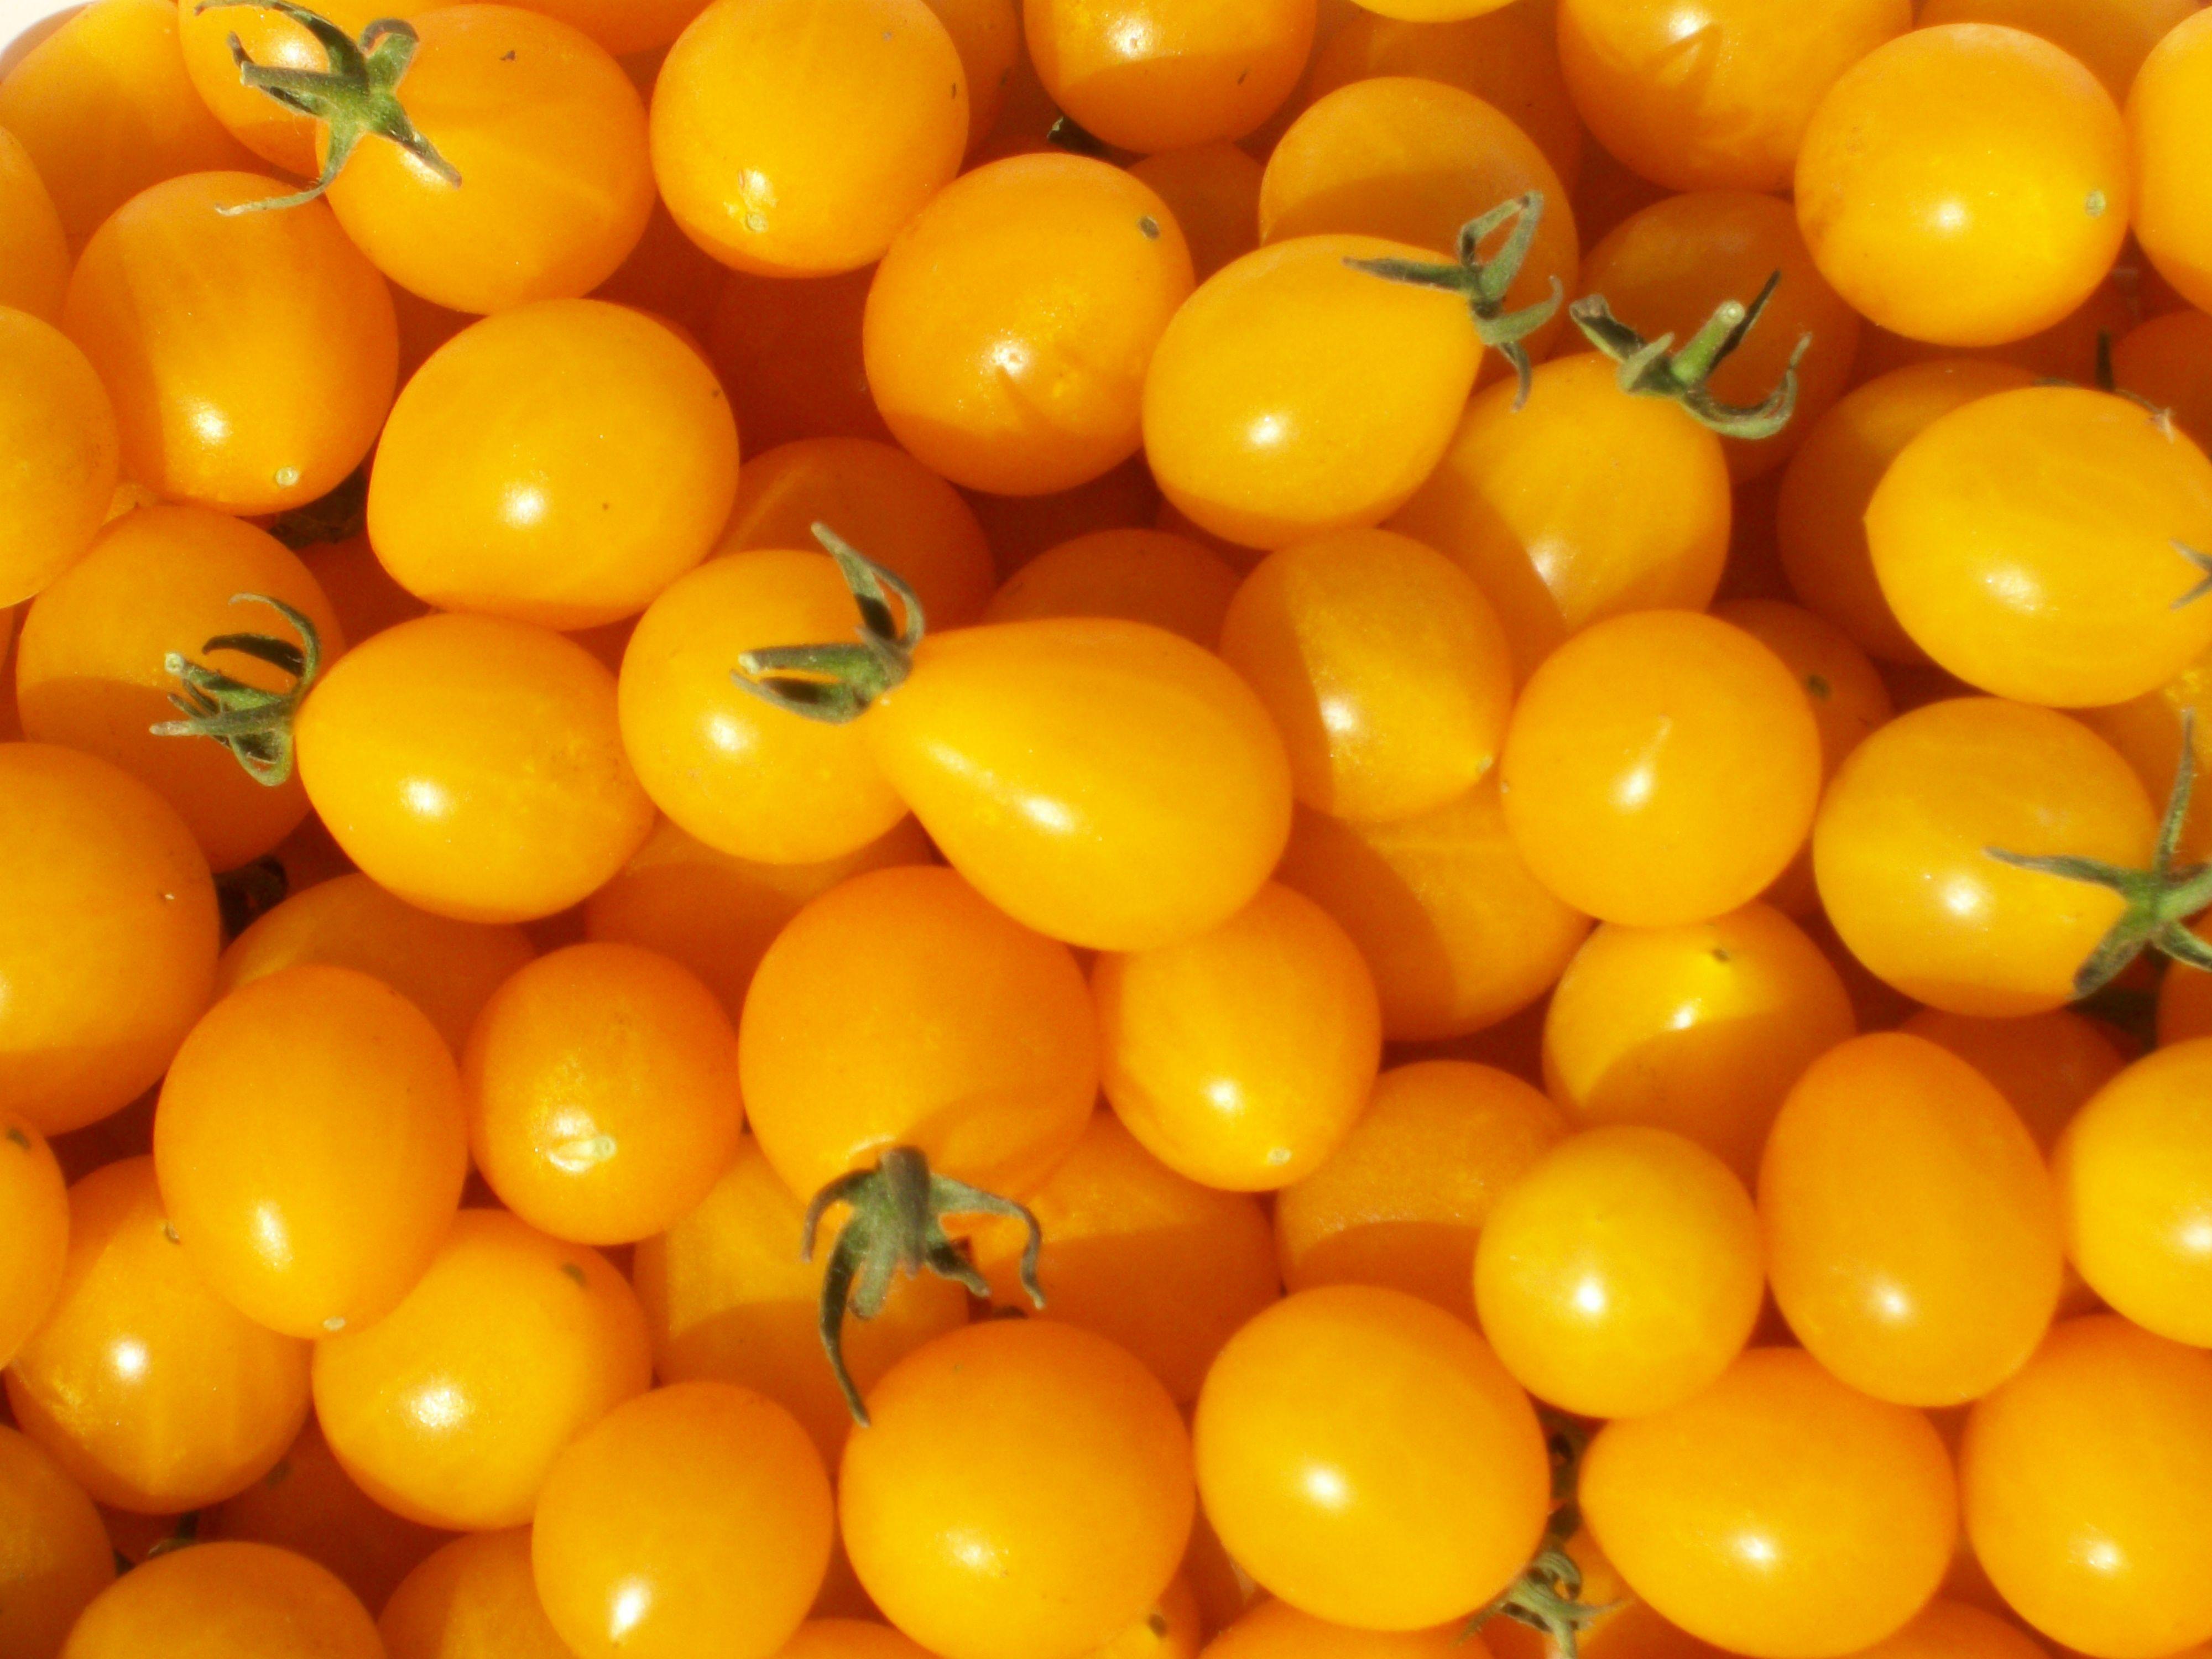 スエーデン生まれの黄色いミニトマト/イルディ(イエローグレープ)